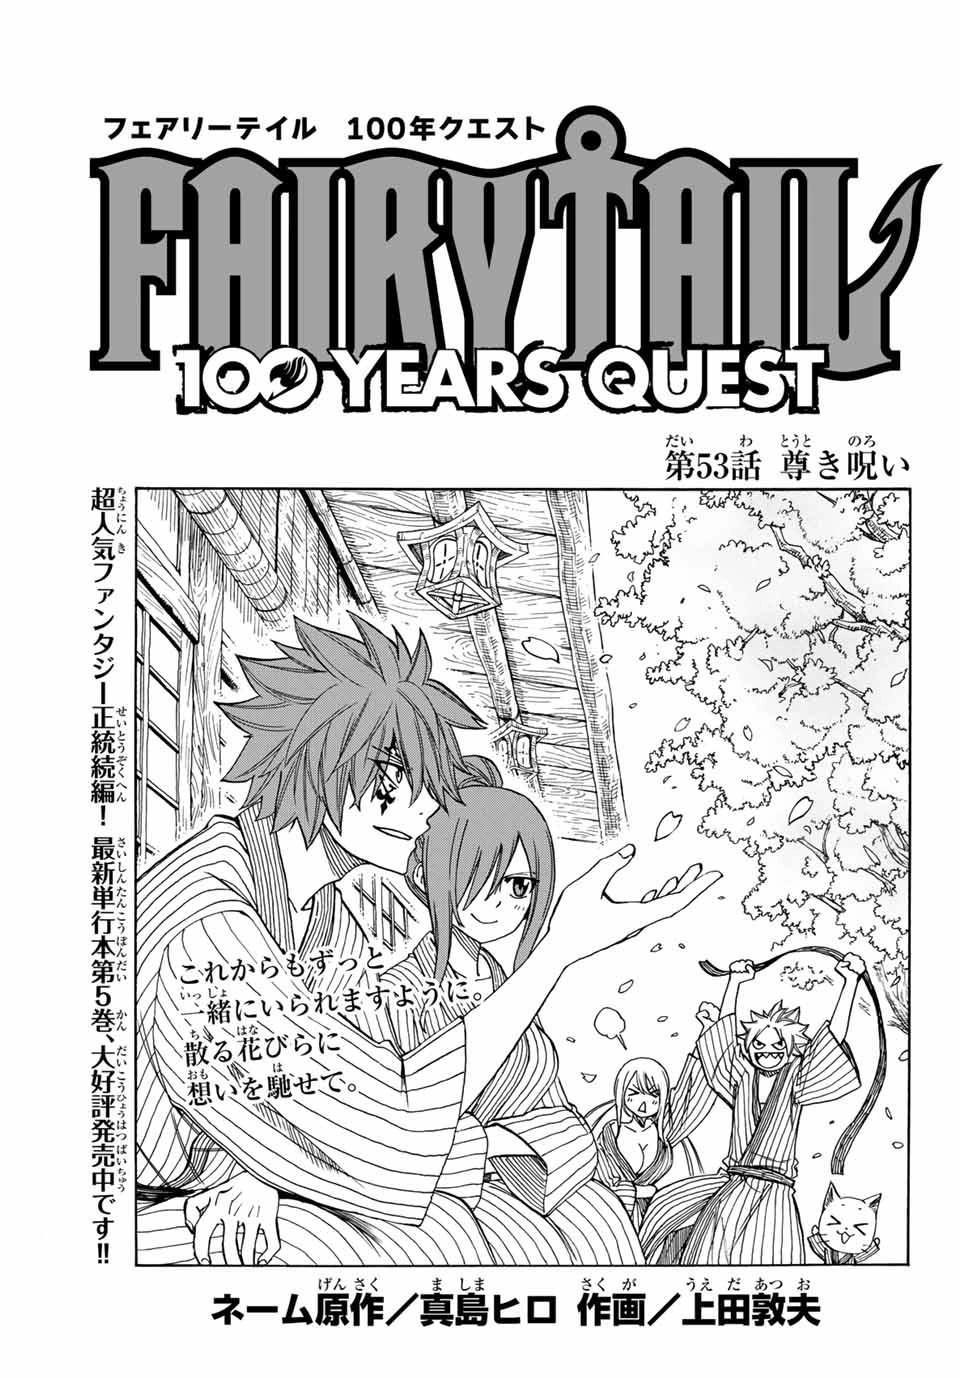 Fairy Tail La Quete De 100 Ans : fairy, quete, Fairy, Tail:, Years, Quest, Chapter, Fandom